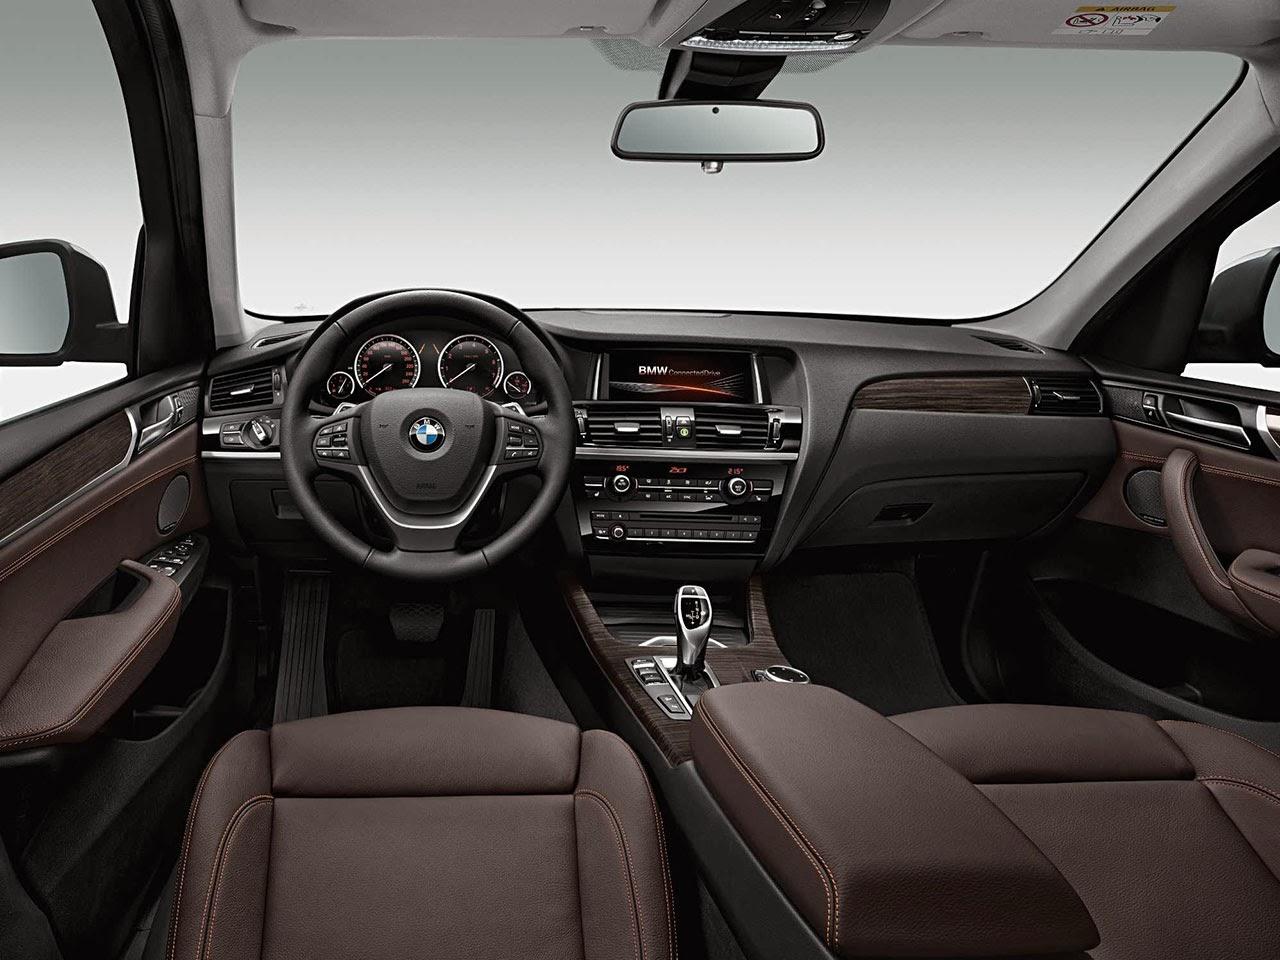 BMW X3 dash